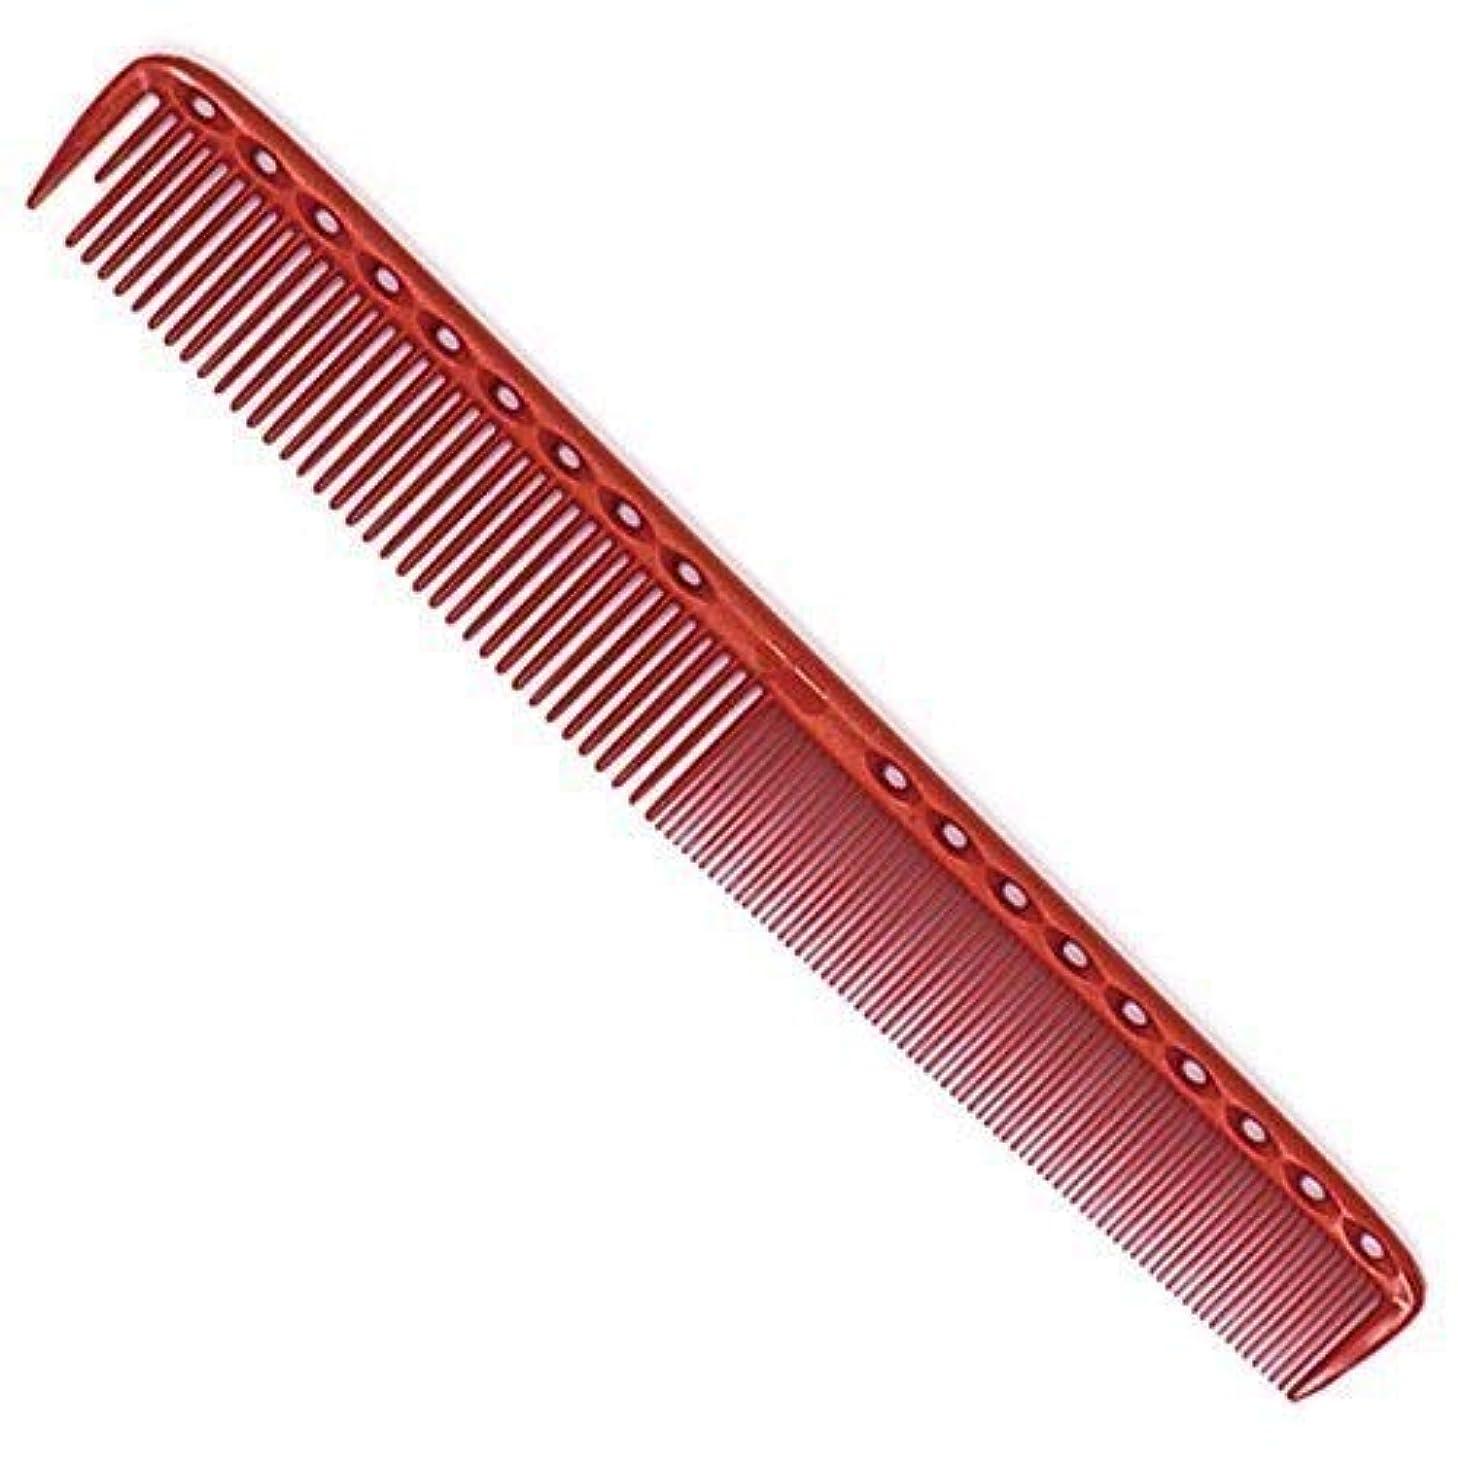 対応上がるナチュラルYS Park 335 Extra Long Fine Cutting Comb 8.5